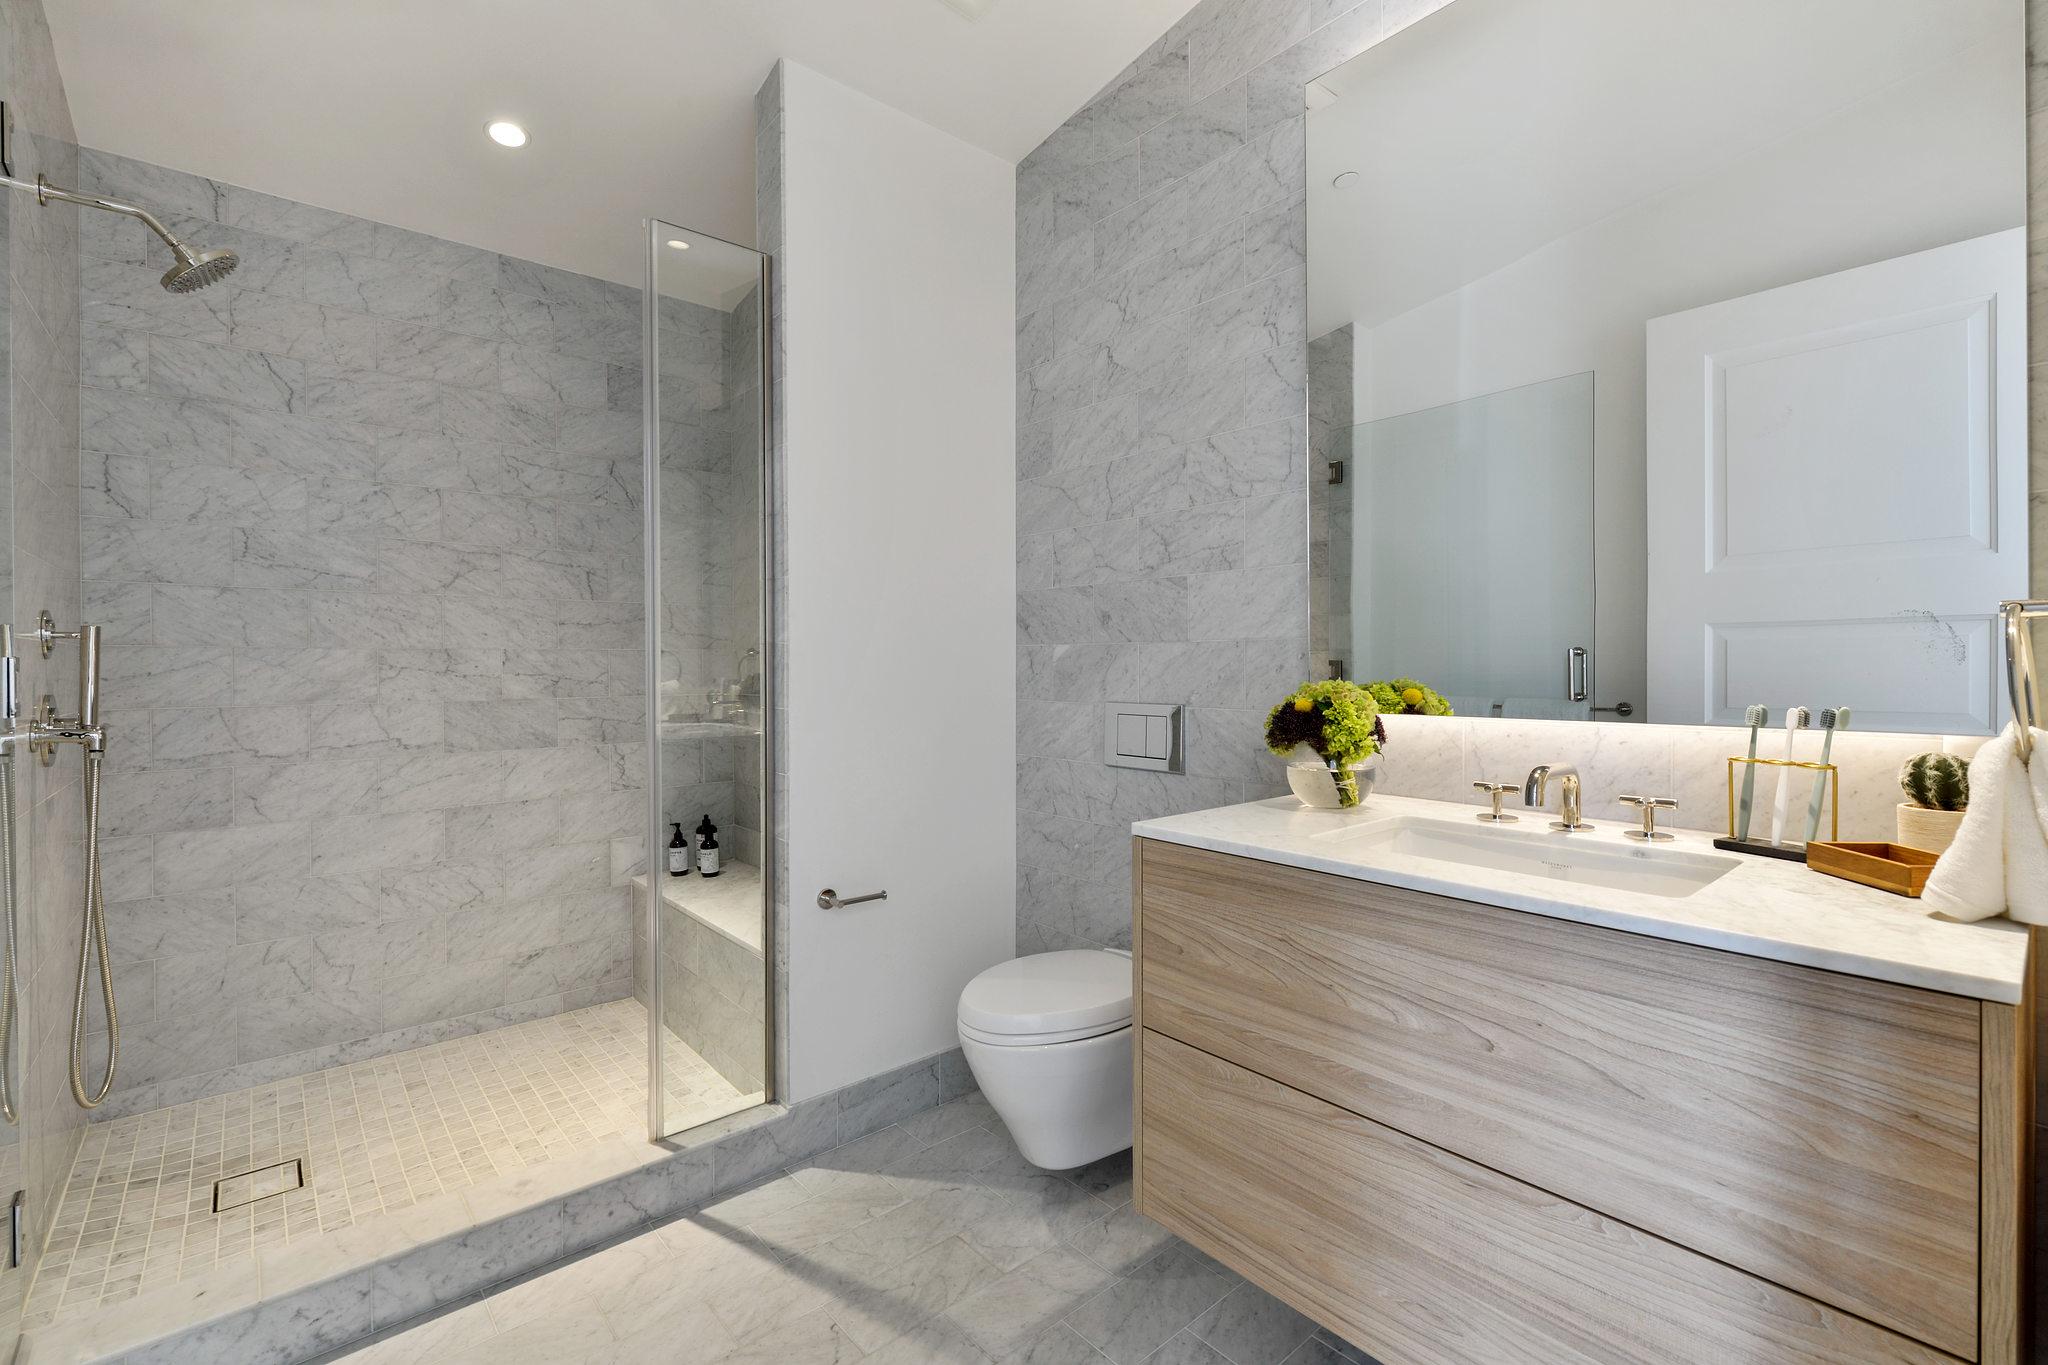 SF Luxury Home Bathroom